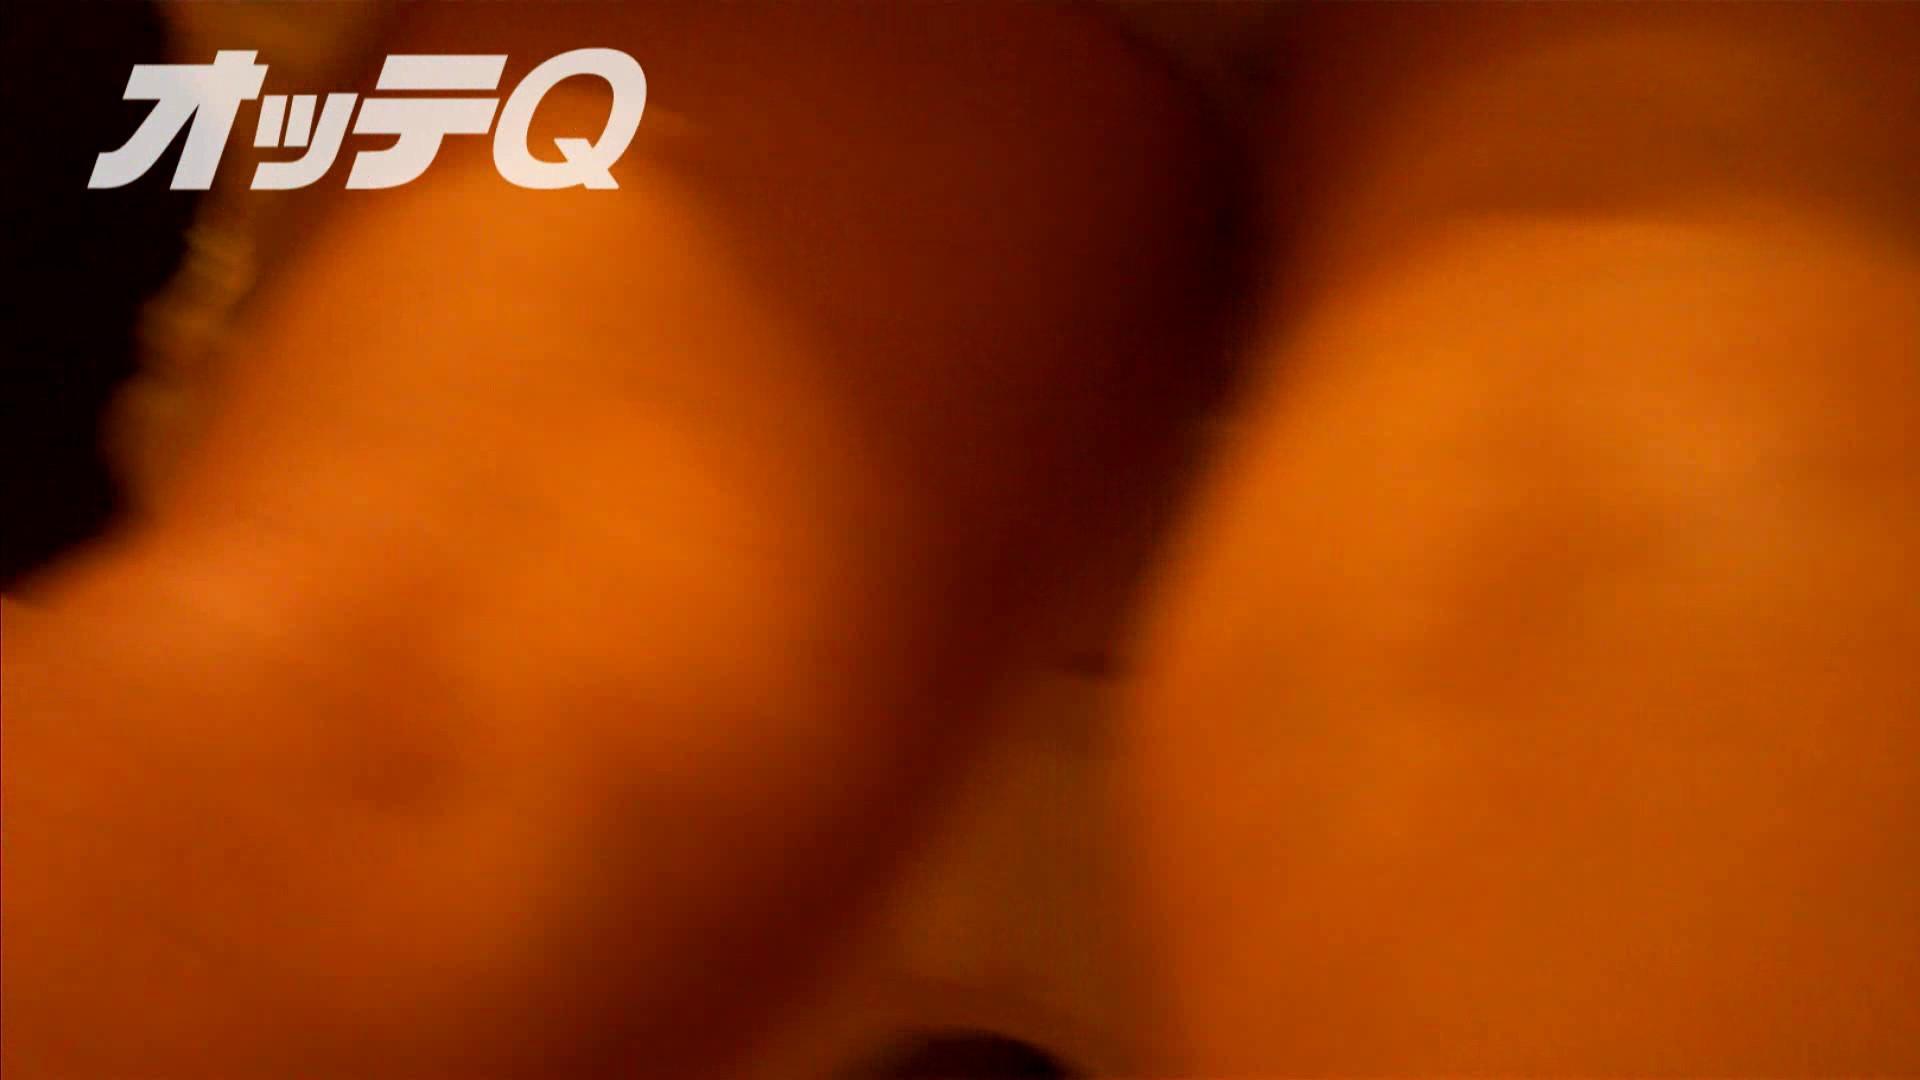 ハイビジョンパンチラ オッテQさんの追跡パンチラデパート編VOL.04 パンツ | ギャル・コレクション  42連発 19